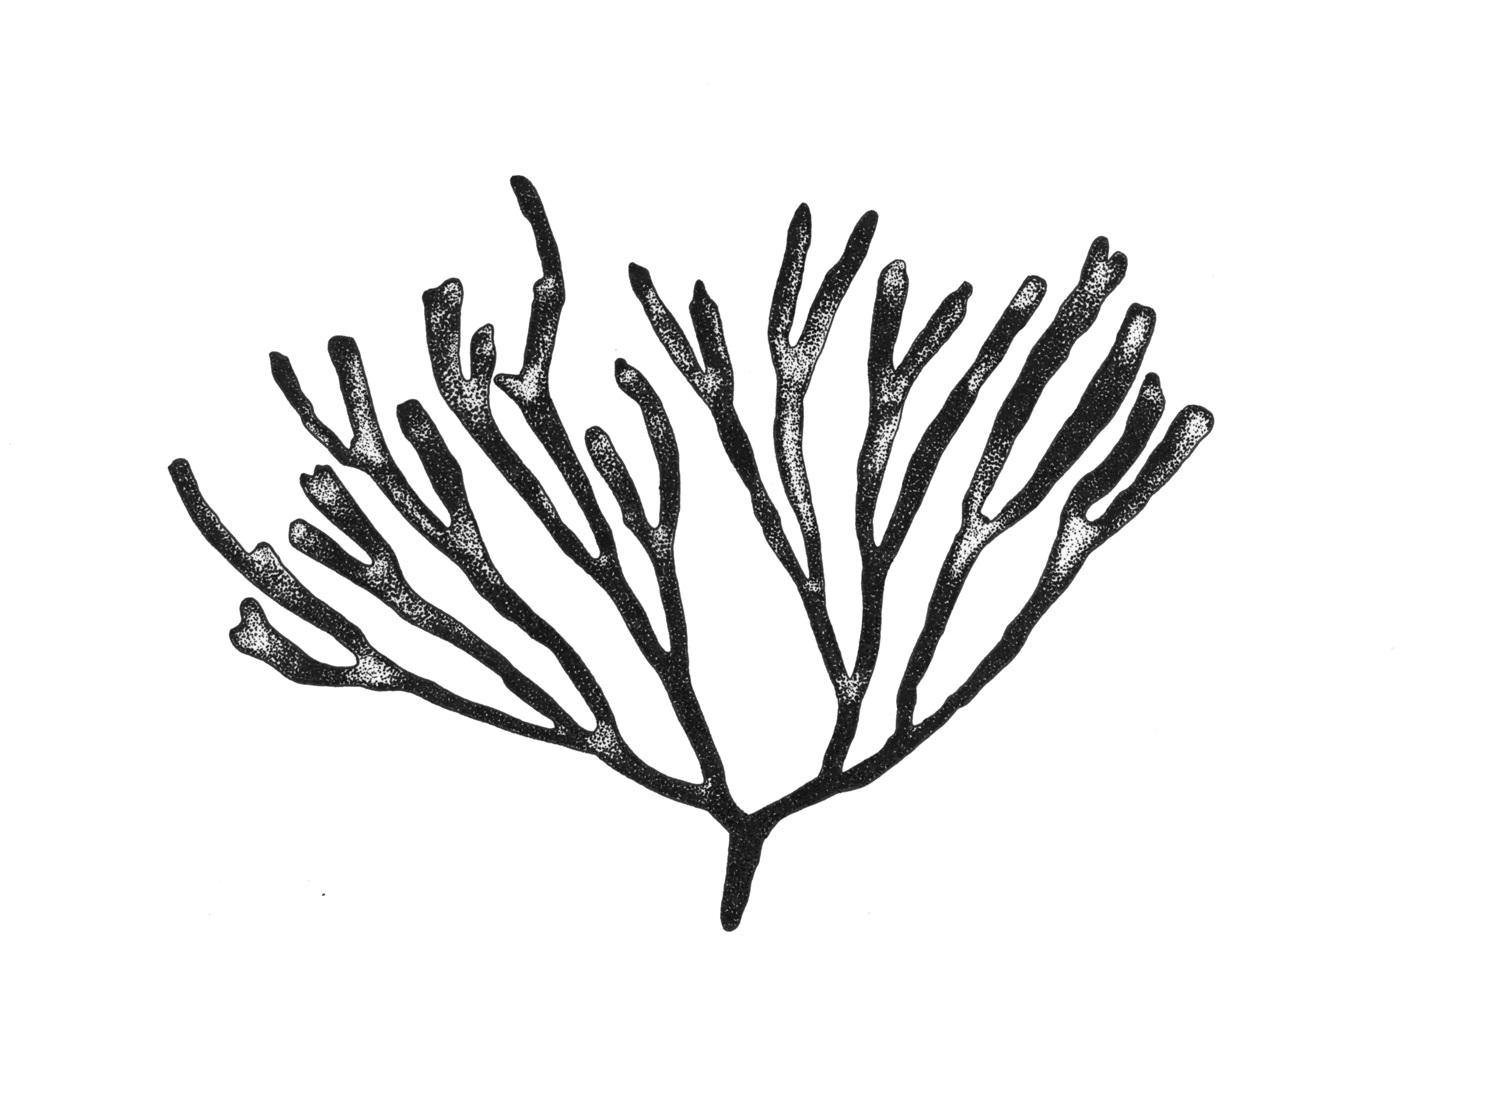 Frayed-Break-Seaweed-Illustration.jpg